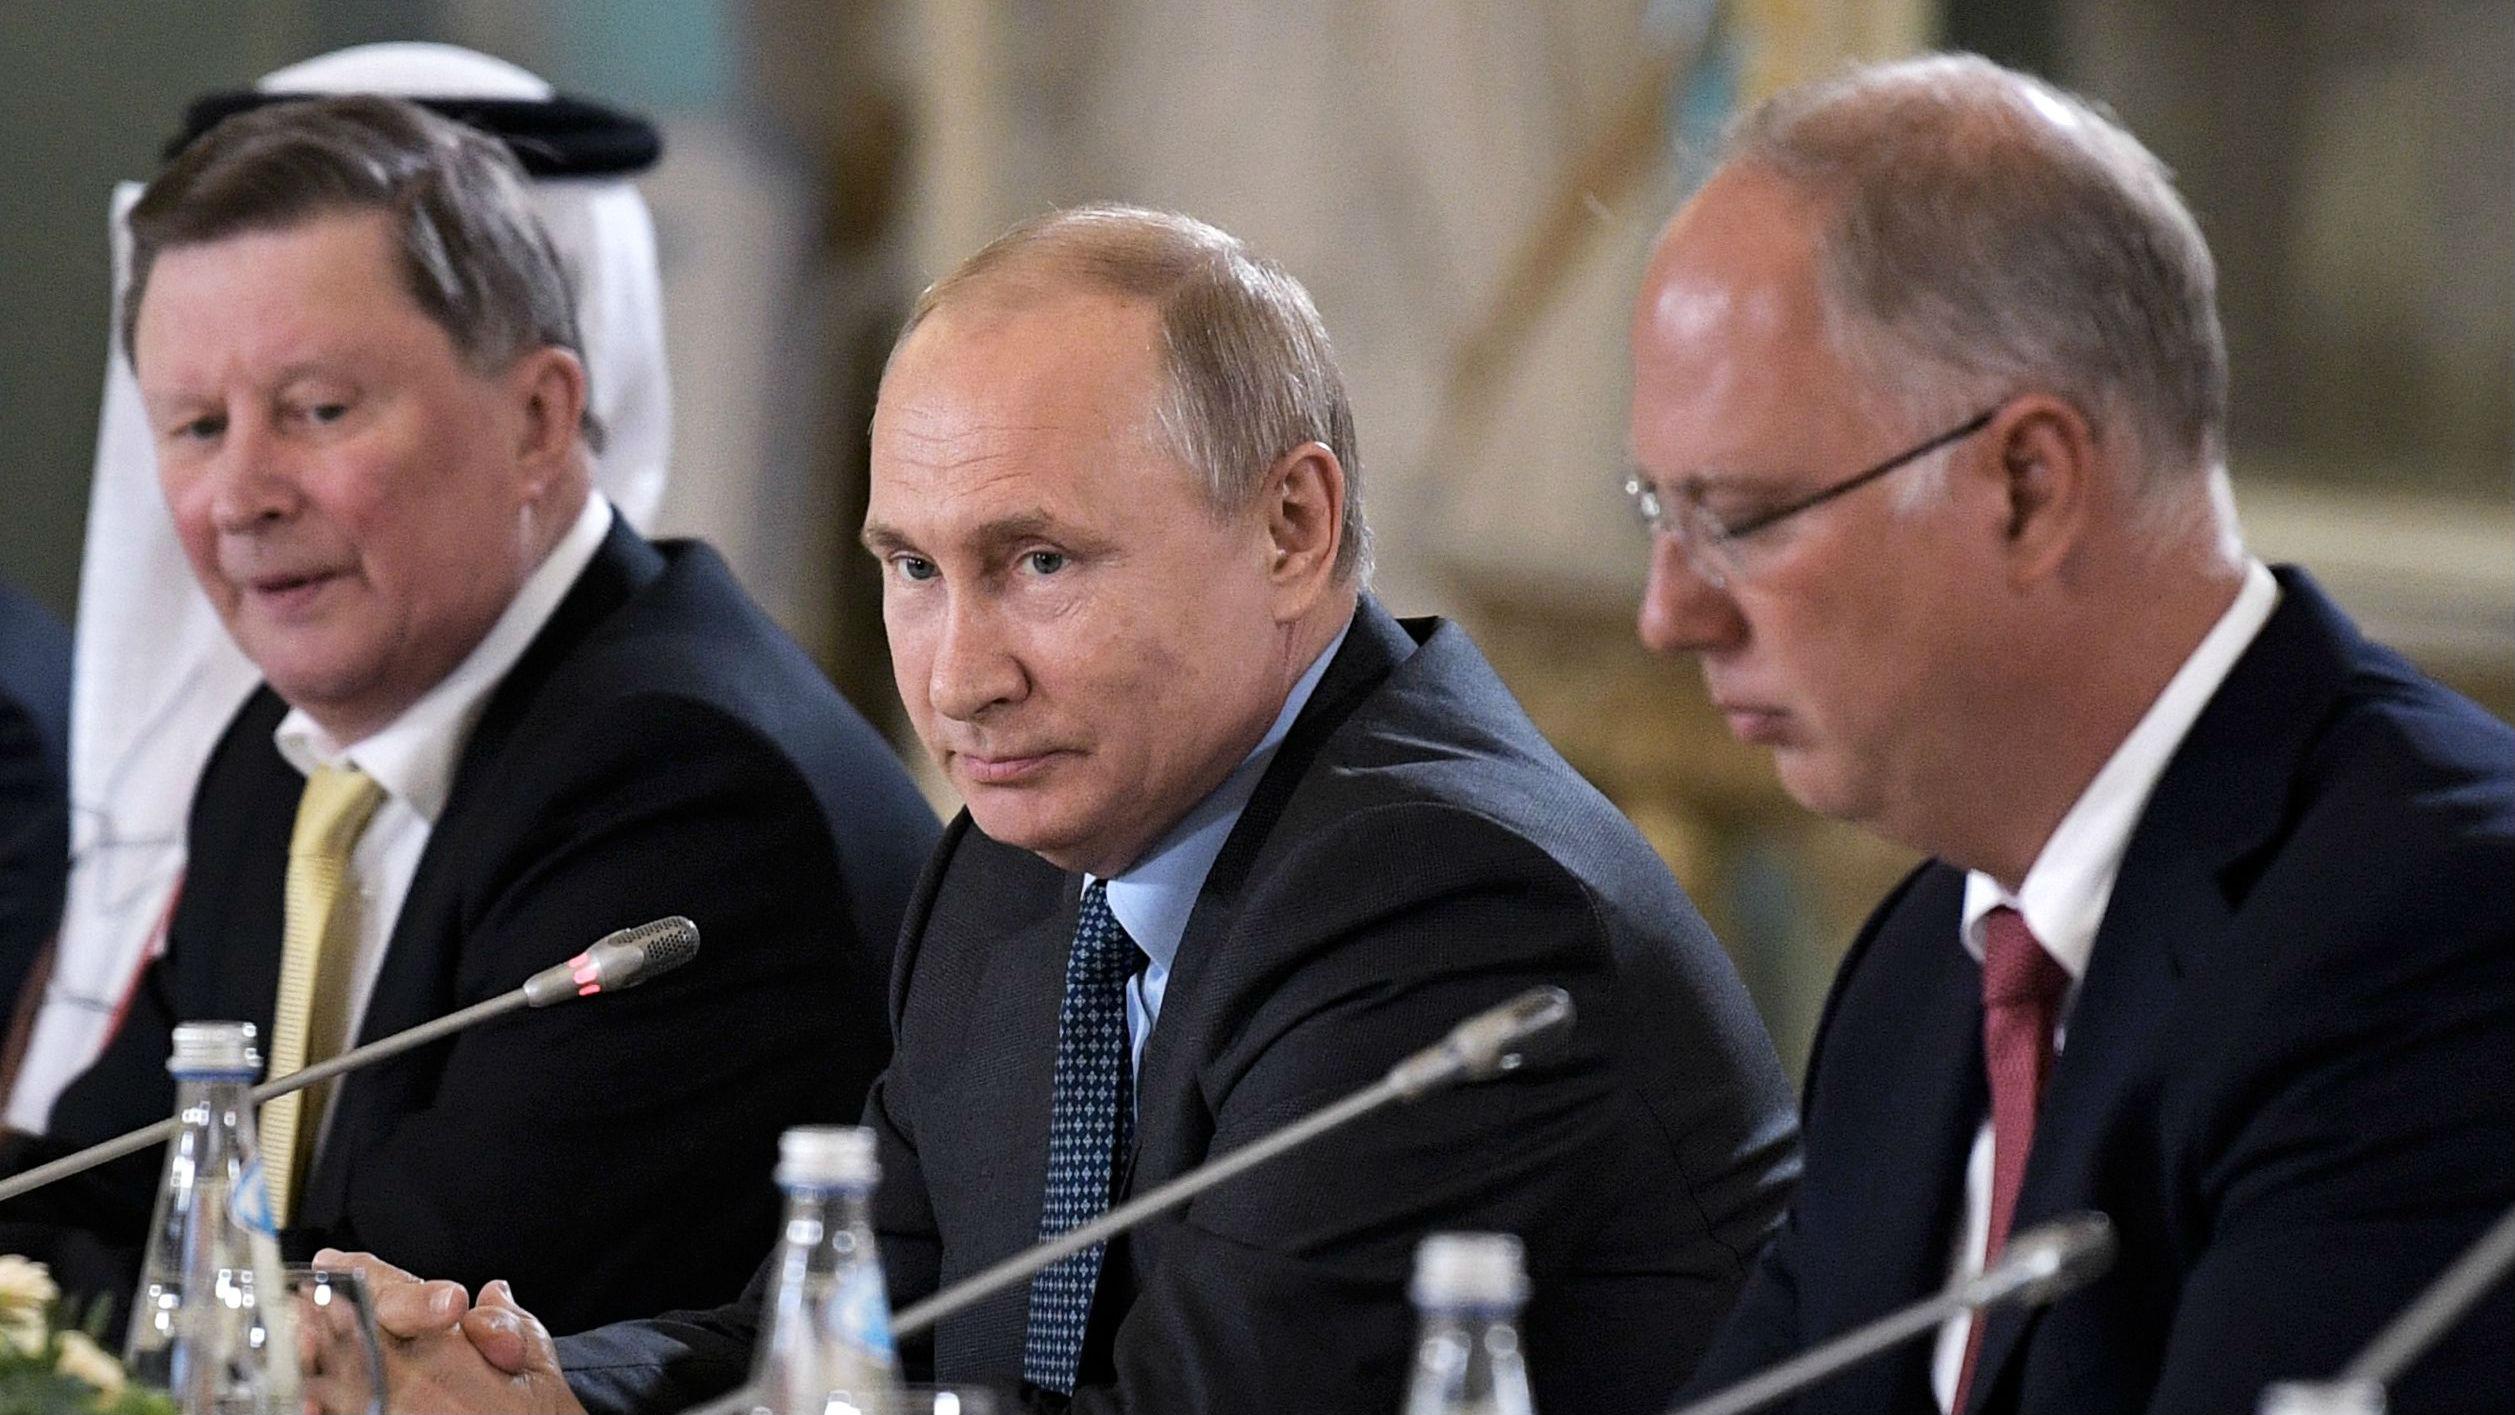 普京狠批美国帝国主义心态:破坏全球安全构架